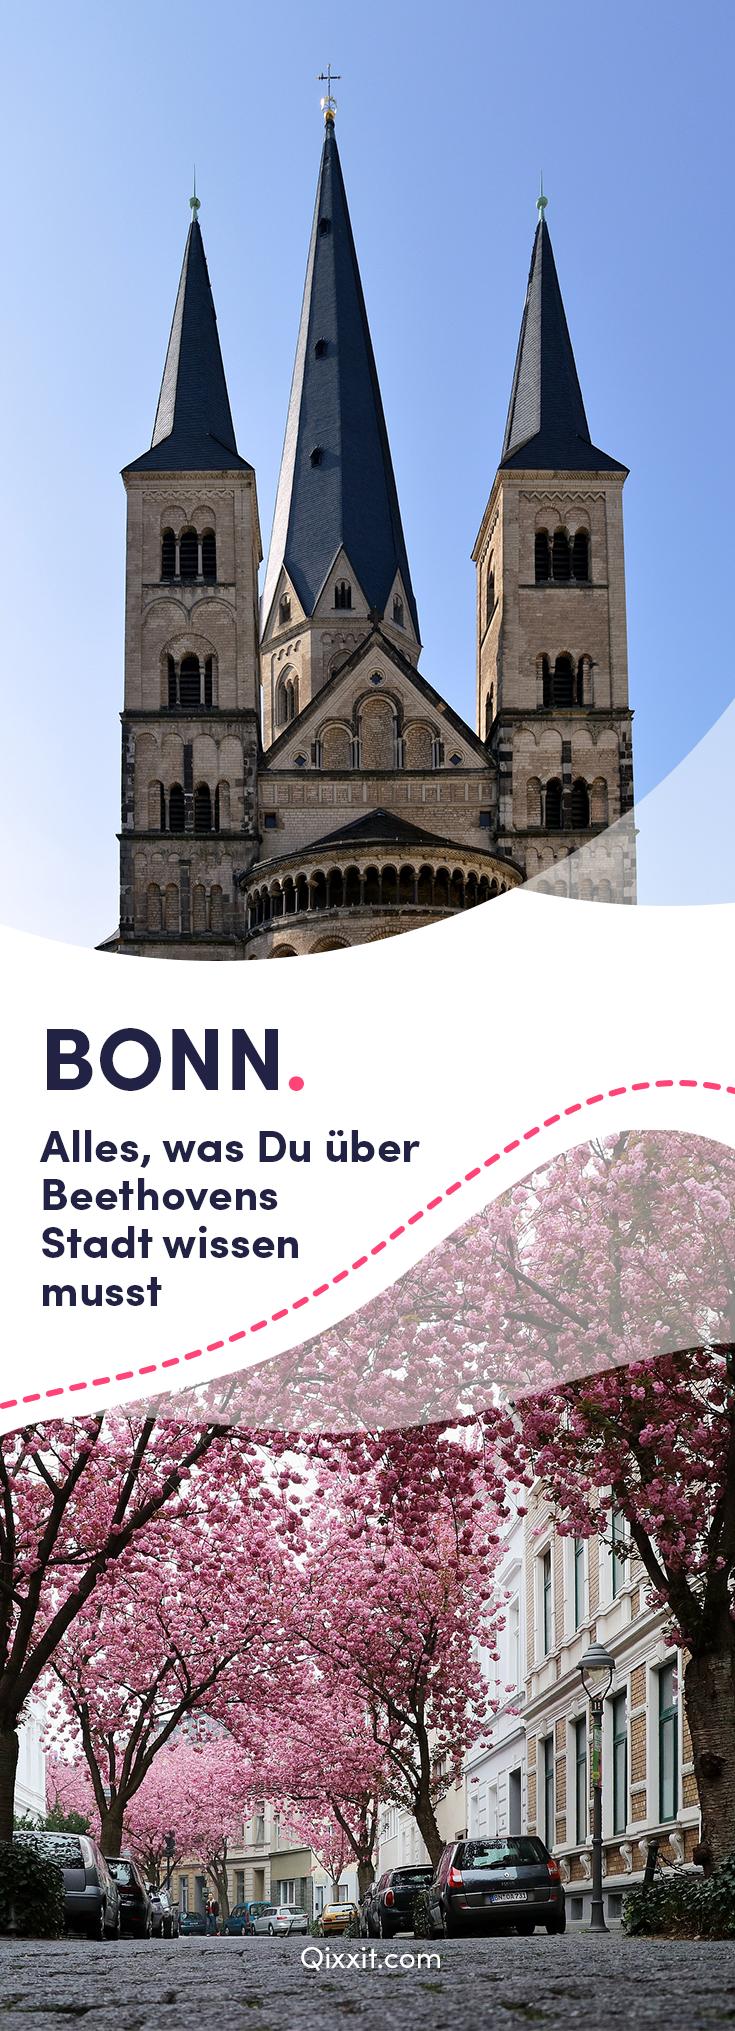 Am Rhein gelegen, nicht weit entfernt vom malerischen